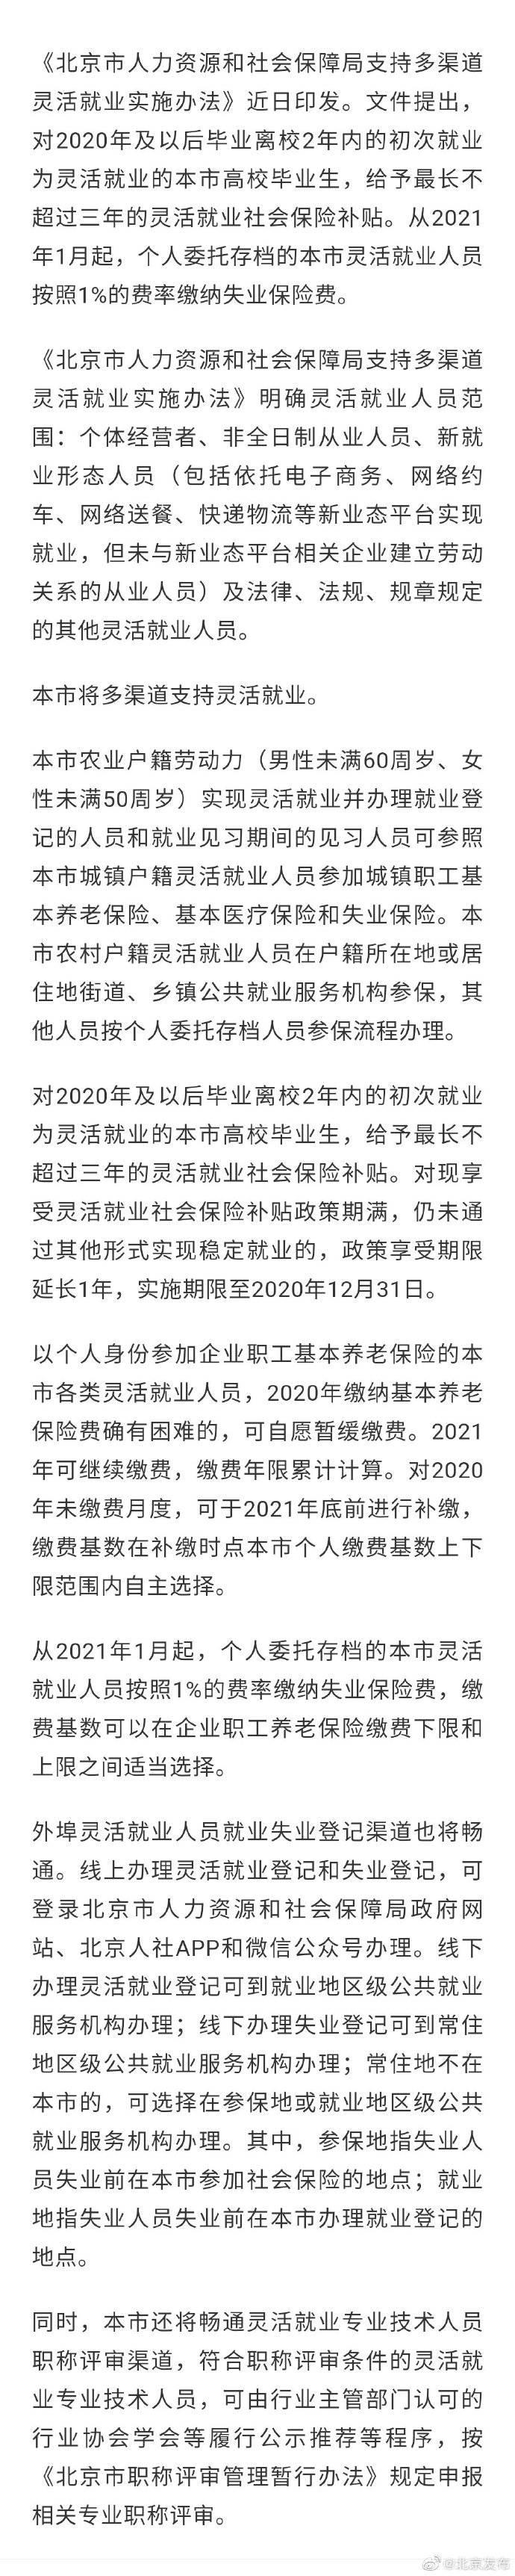 北京支持多渠道灵活就业,高校毕业生最长给予三年社保补贴